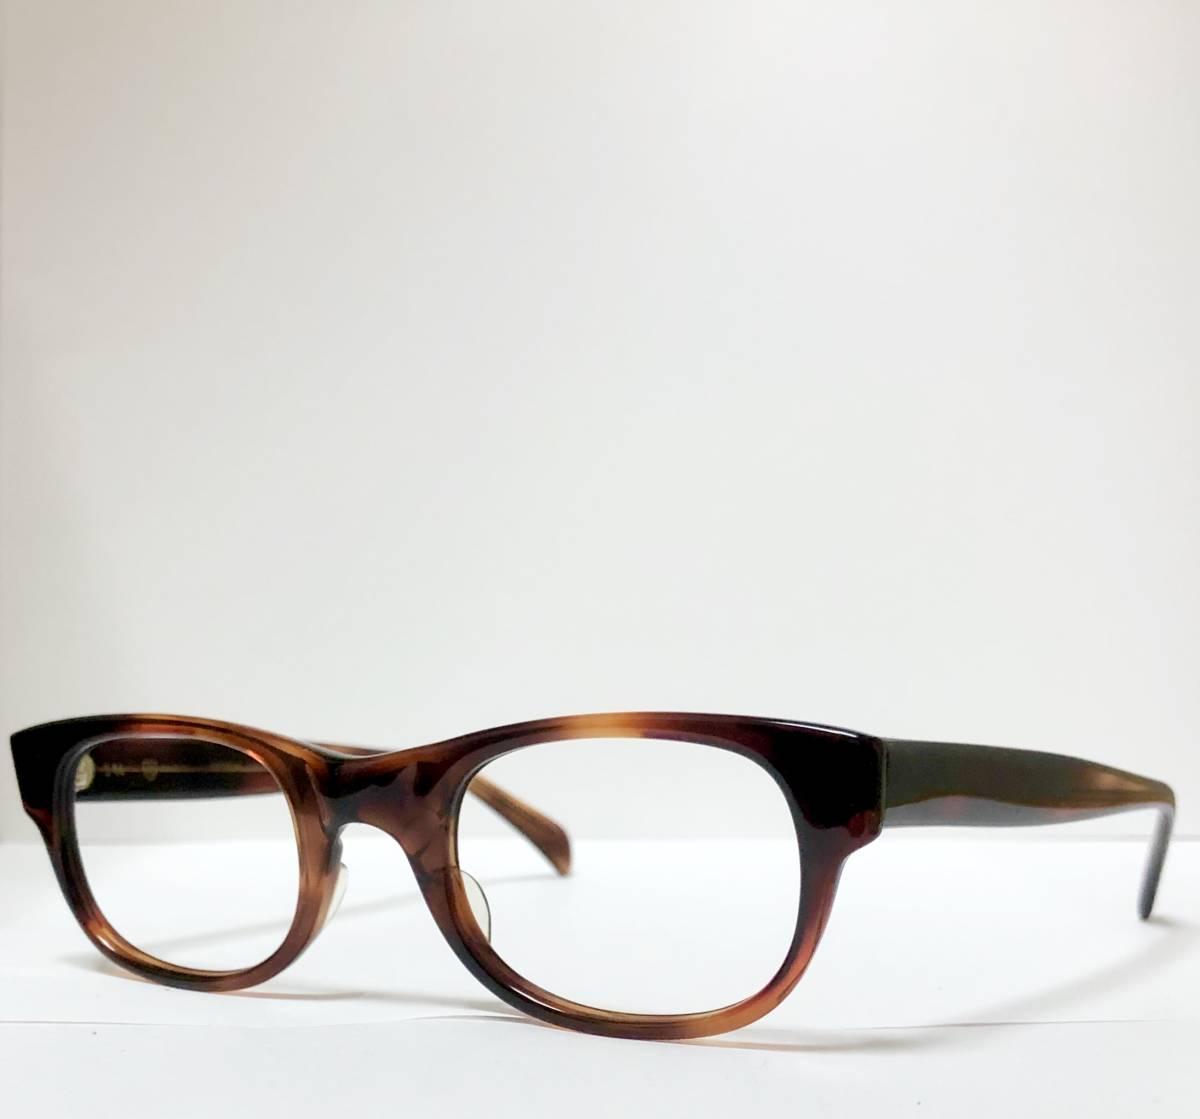 新品・1960年代頃】アメリカンオプティカル AO メガネ American Optical アンバー 米国製 ビンテージ / ヴィンテージ_画像4